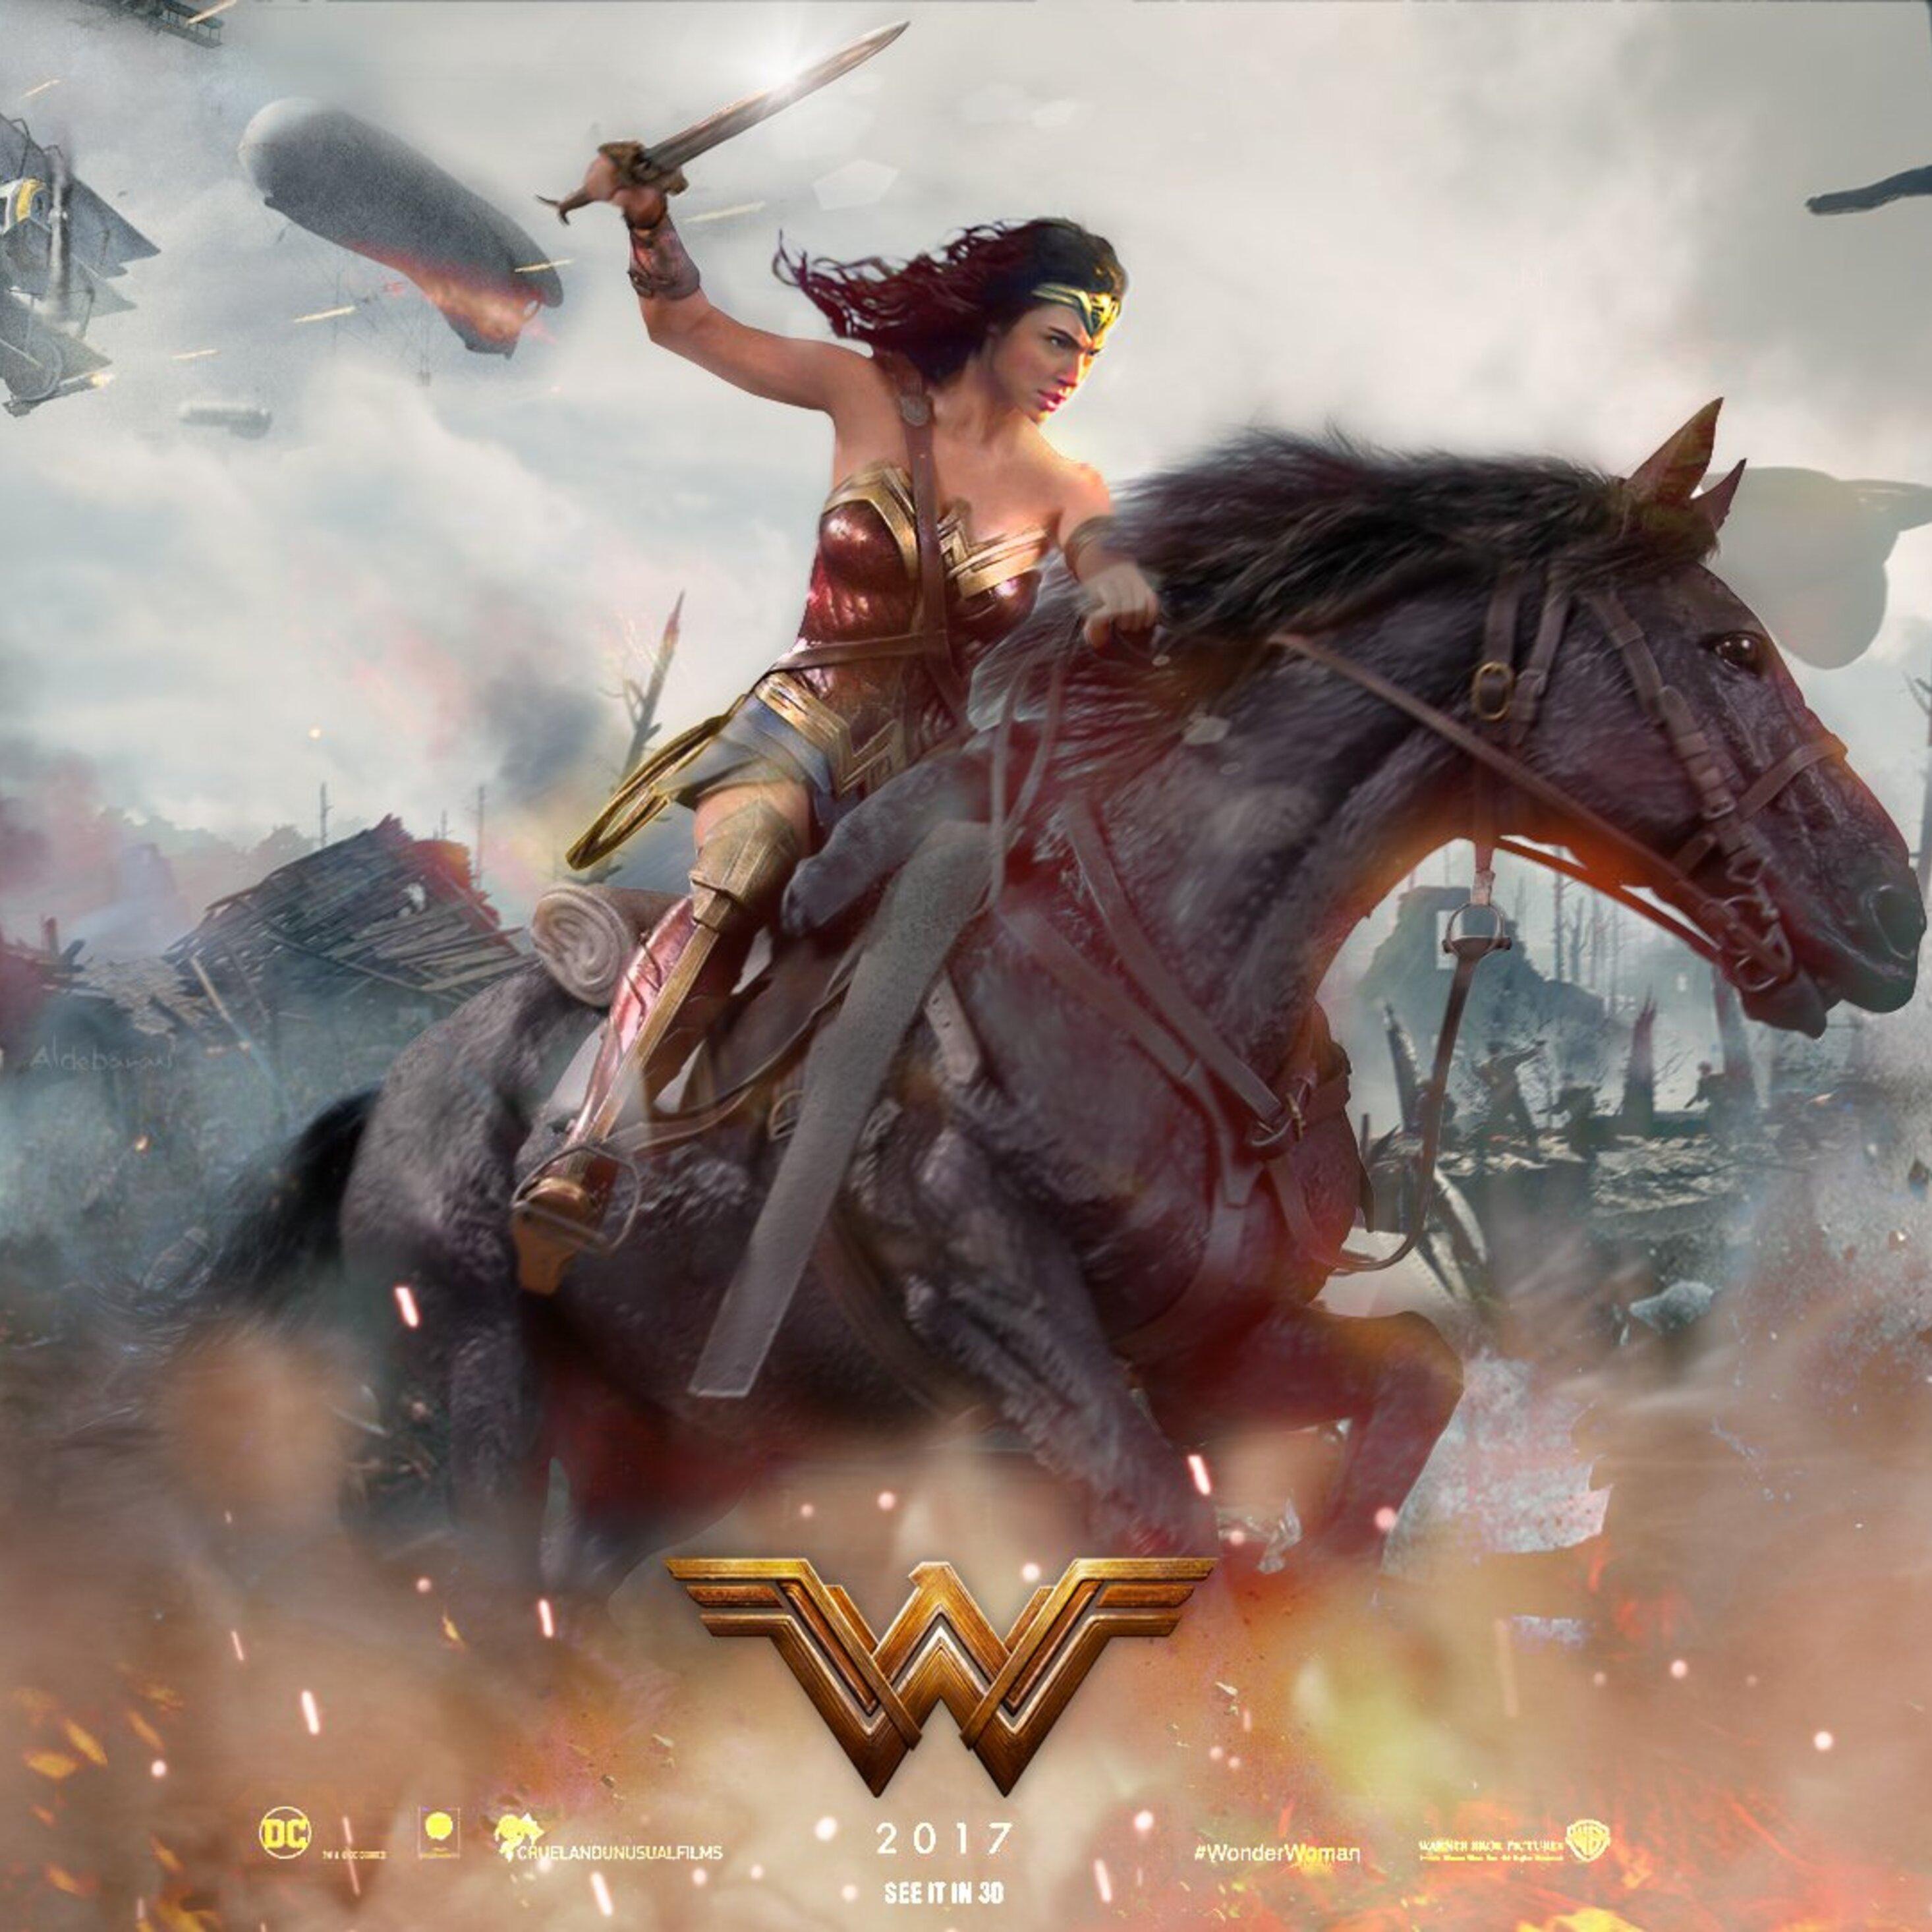 2932x2932 2017 Wonder Woman Movie Fan Art Ipad Pro Retina